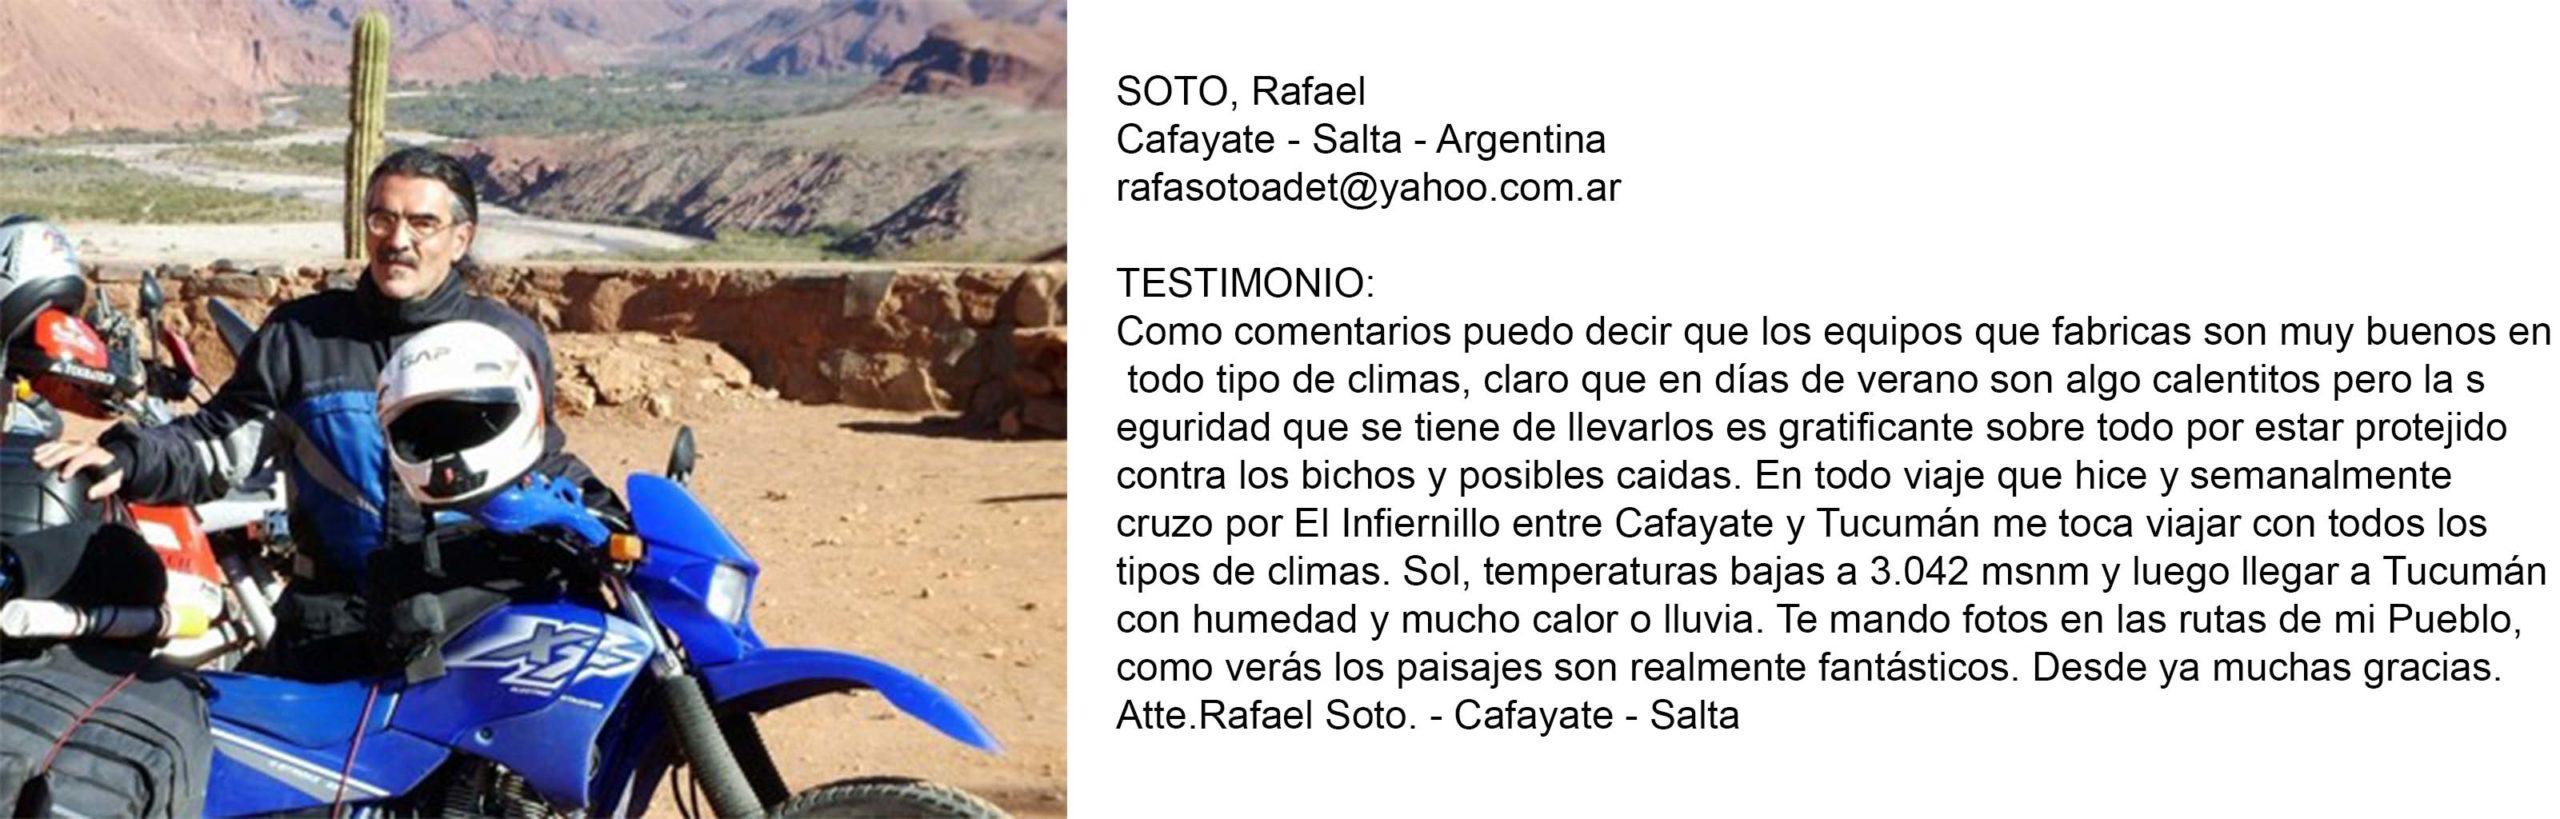 Testimonio Soto